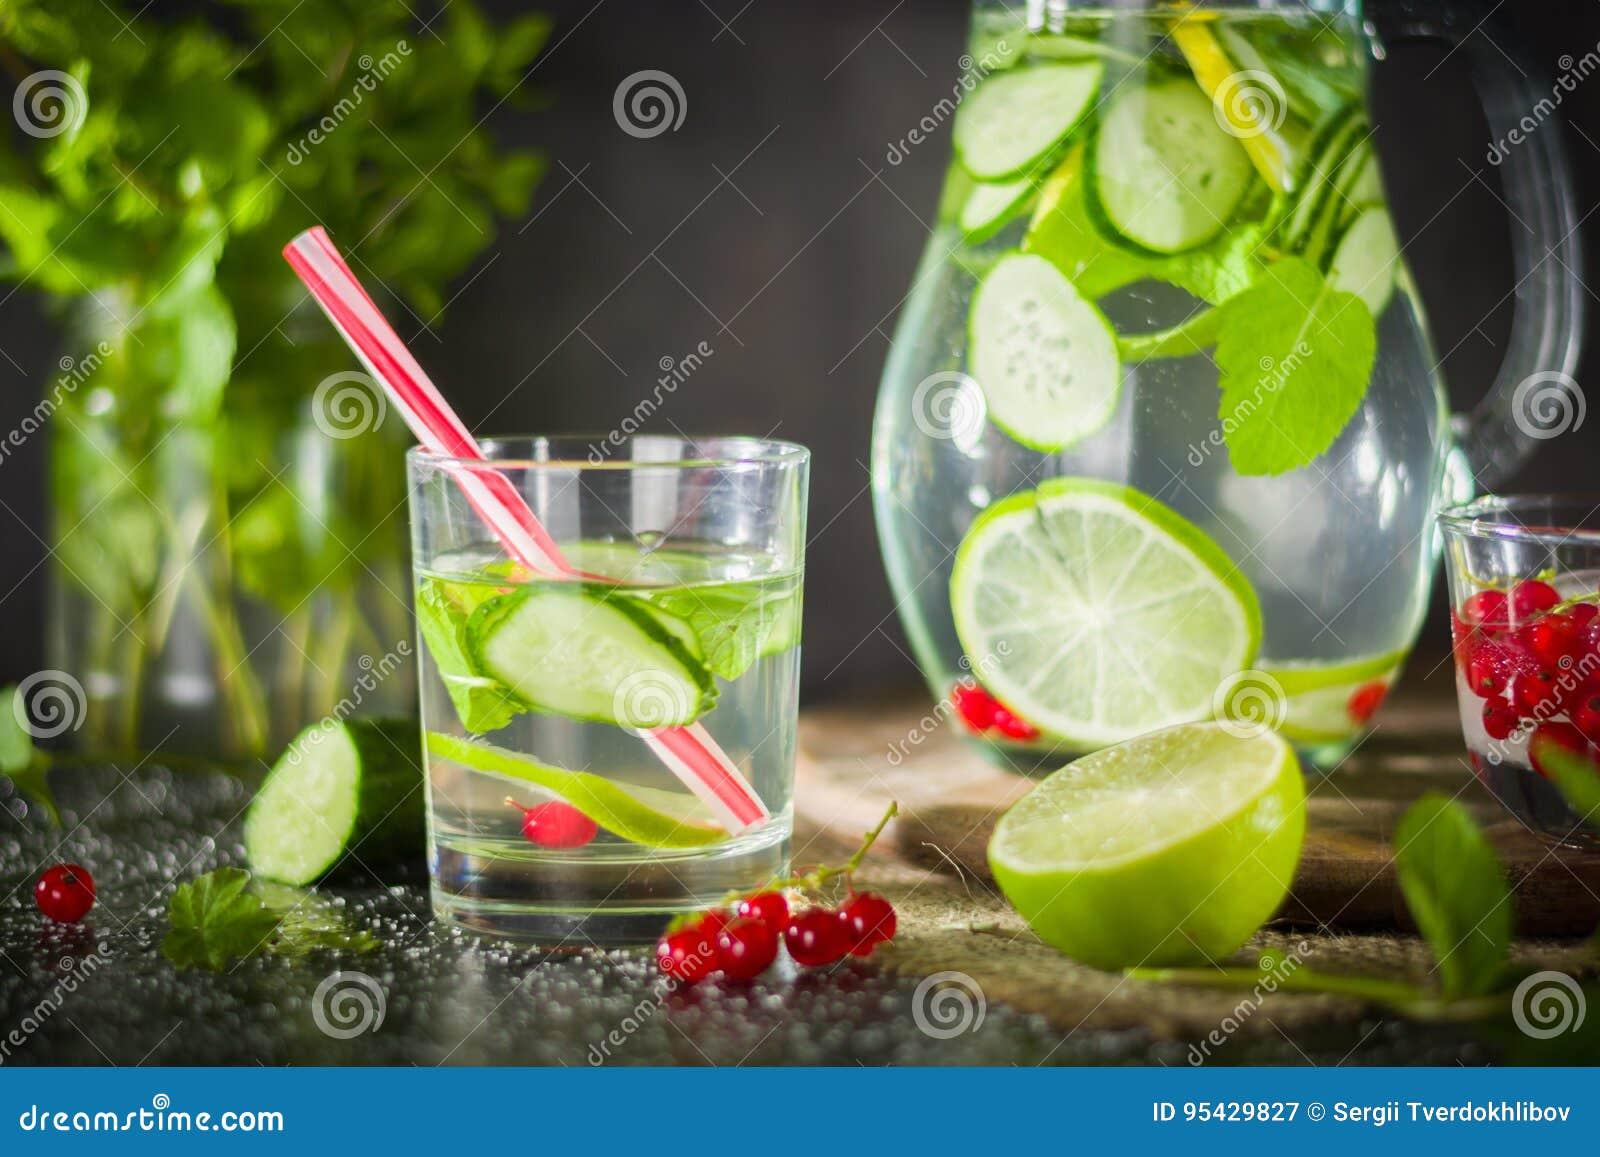 Molhe a desintoxicação em um frasco de vidro e em um vidro Hortelã e bagas verdes frescas Um refrescamento e uma bebida saudável